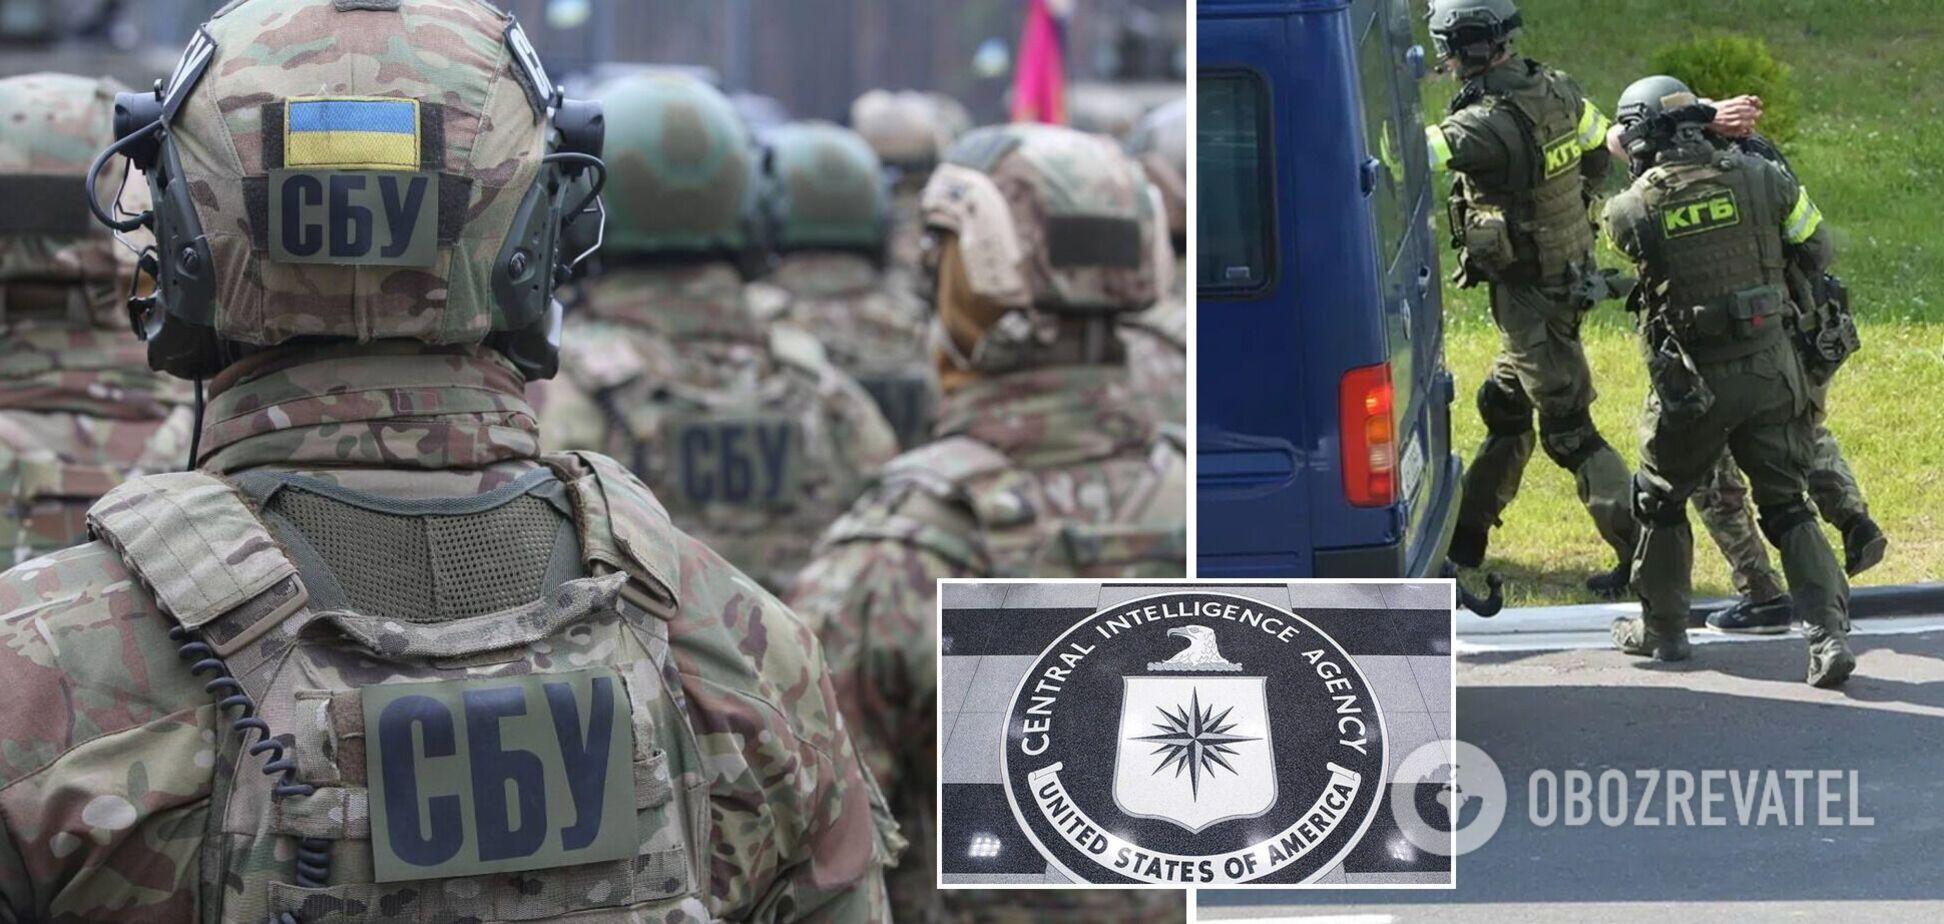 Боевики попались на 'приманку': источники раскрыли детали спецоперации по задержанию 'вагнеровцев' – CNN